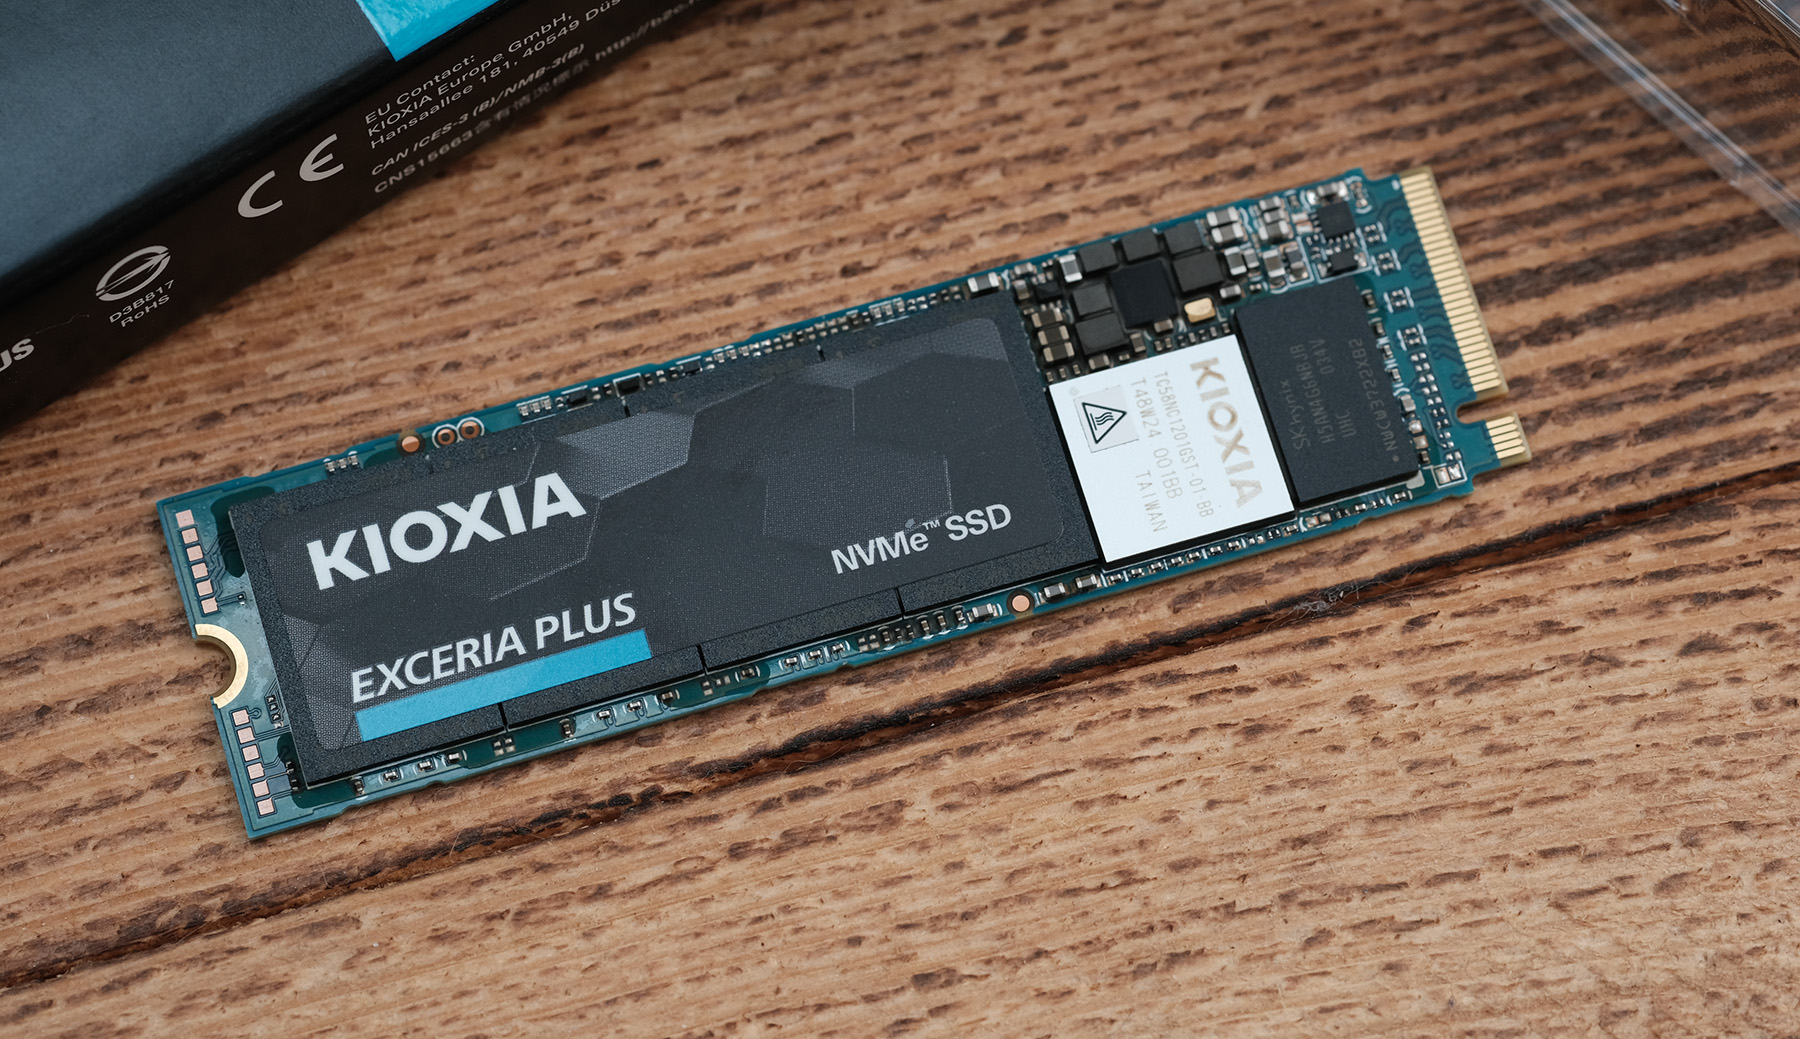 Обзор Kioxia EXCERIA PLUS: производительный NVMe накопитель для широкого спектра задач